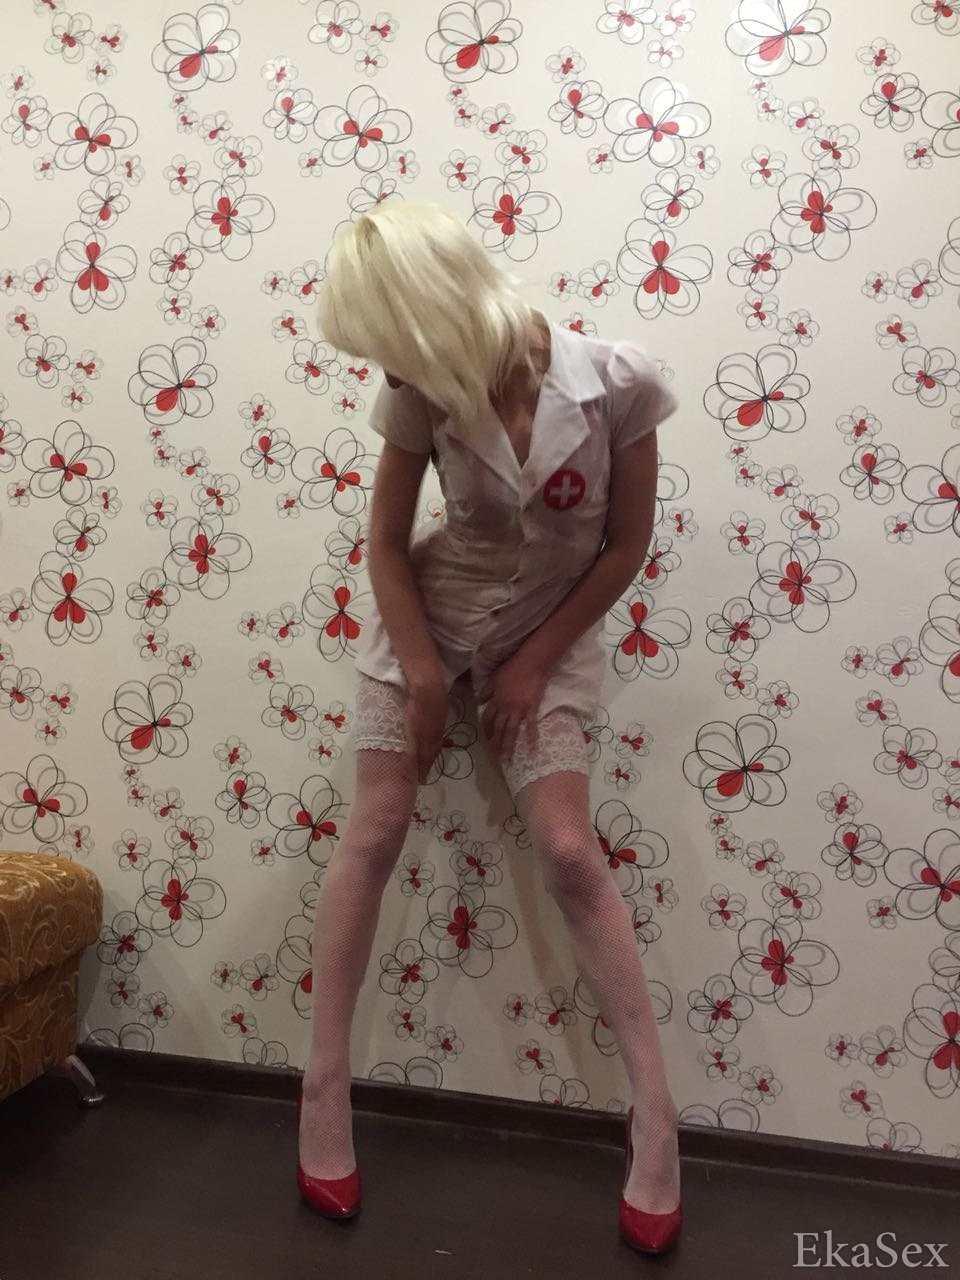 фото проститутки Юля из города Екатеринбург